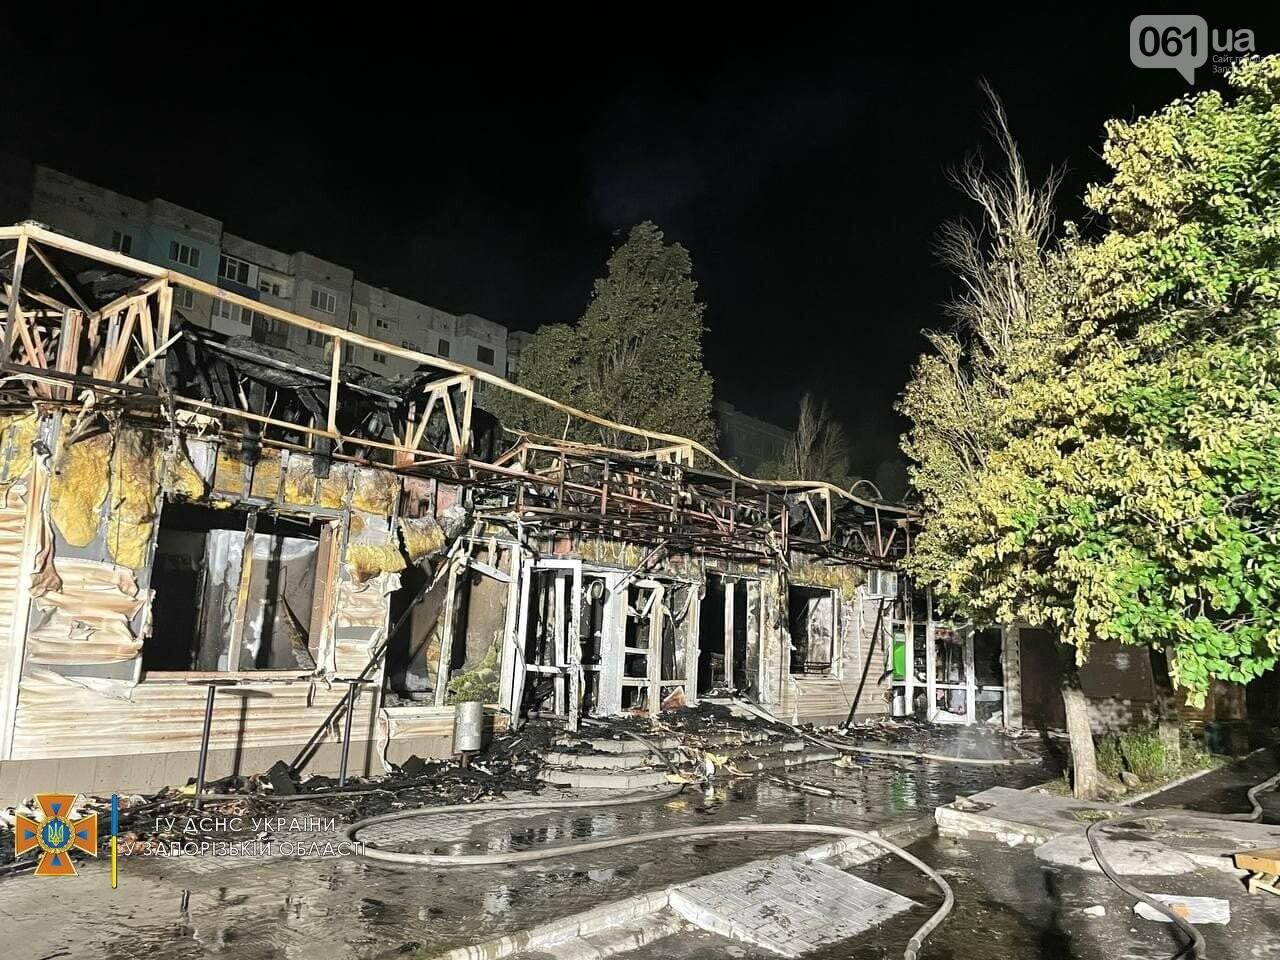 В Бердянске ночью сгорел продуктовый магазин: на месте работал 21 спасатель, фото-1